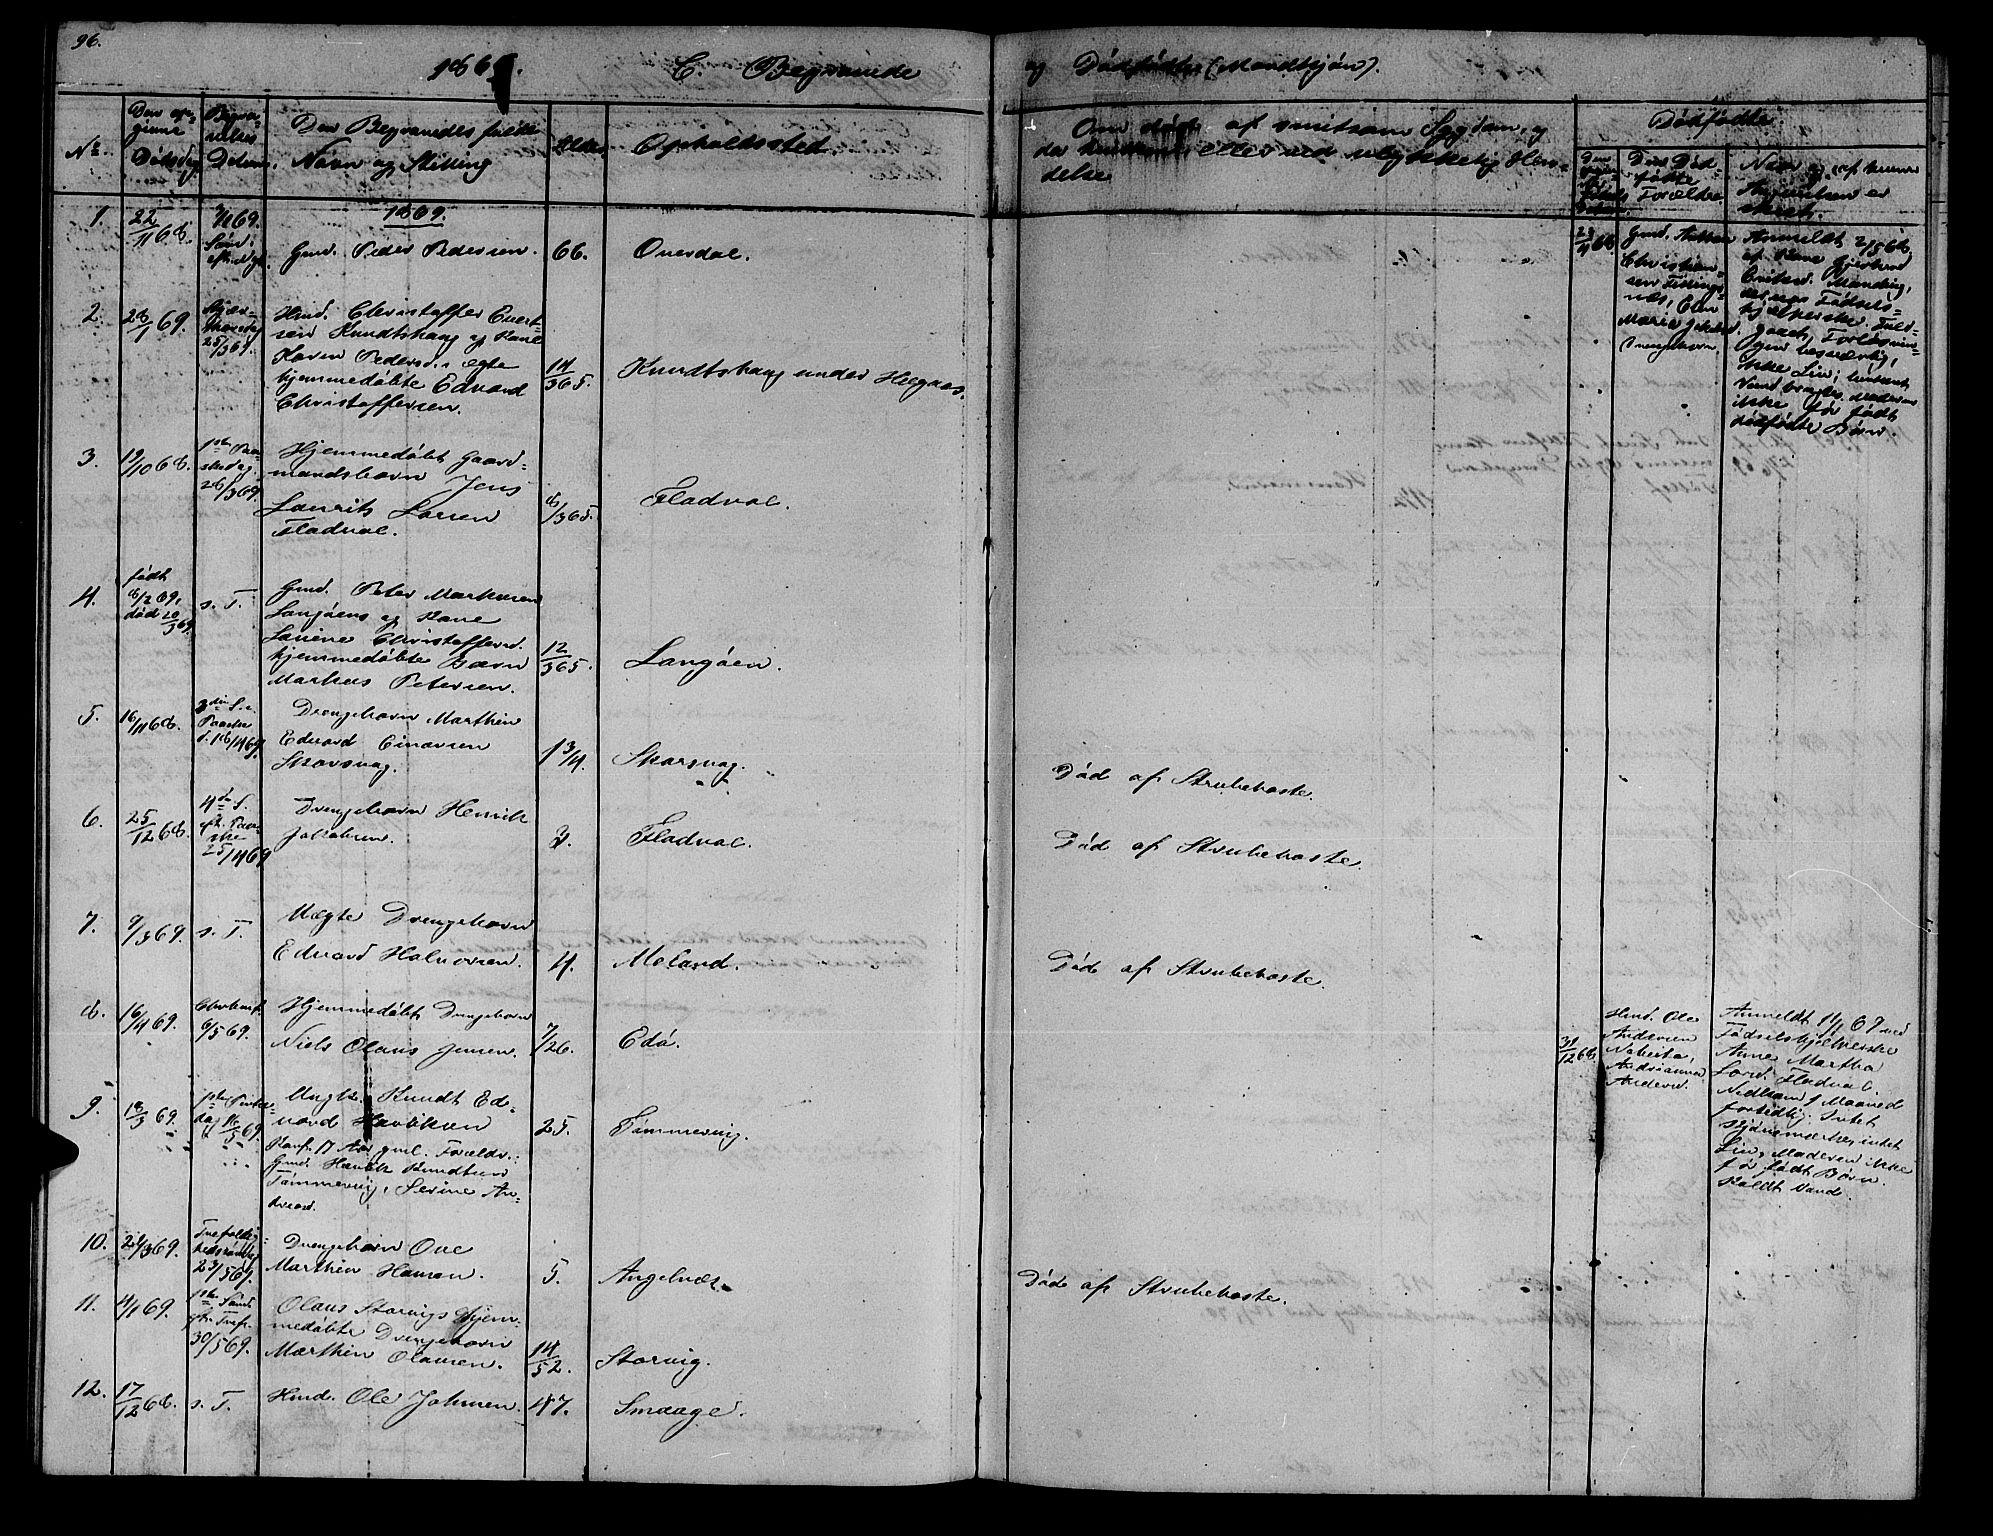 SAT, Ministerialprotokoller, klokkerbøker og fødselsregistre - Sør-Trøndelag, 634/L0539: Klokkerbok nr. 634C01, 1866-1873, s. 96